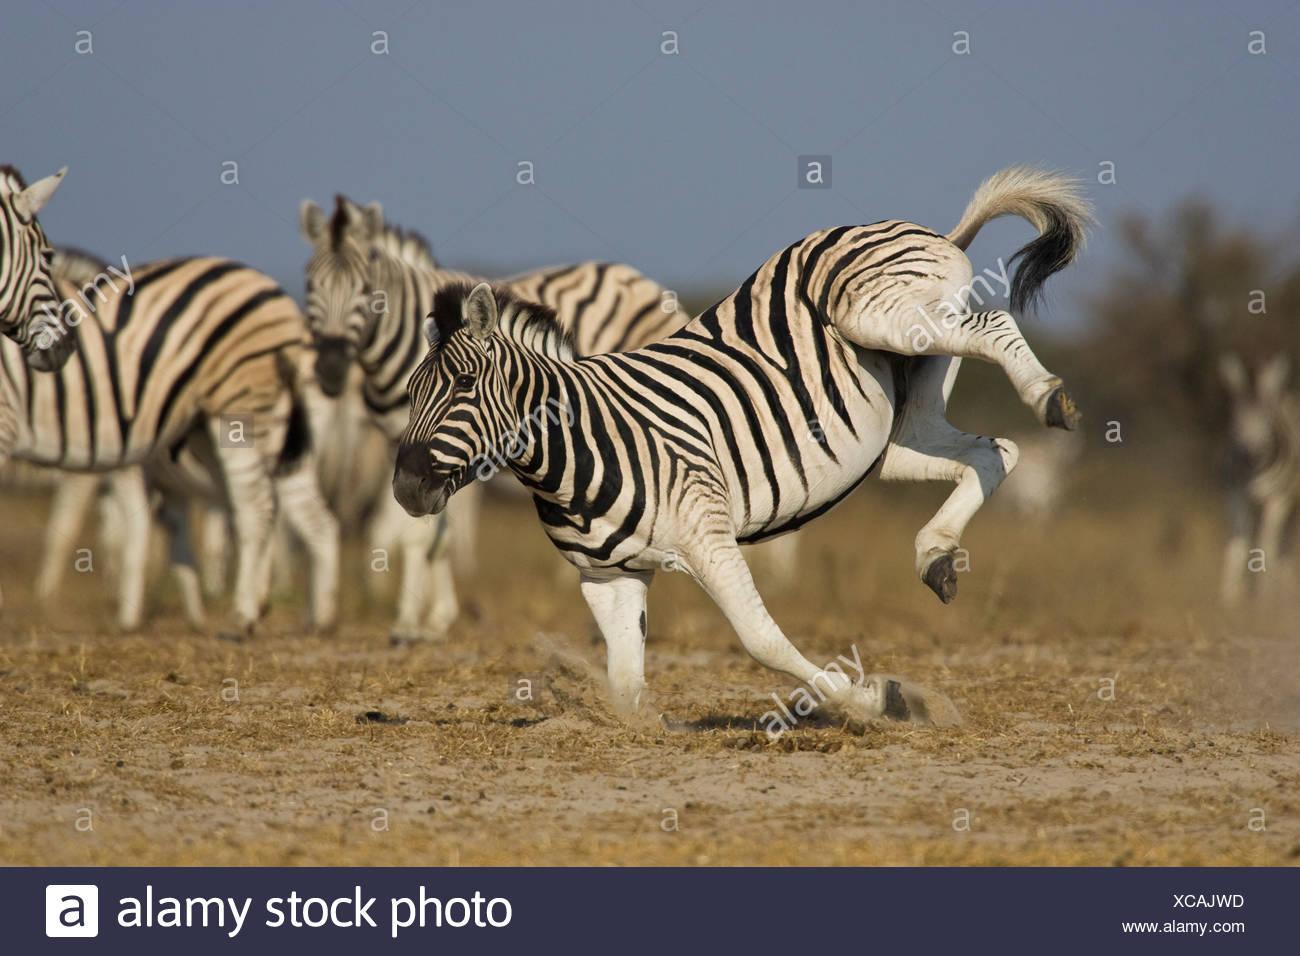 Zebra kicking, Etosha National Park, Namibia. - Stock Image